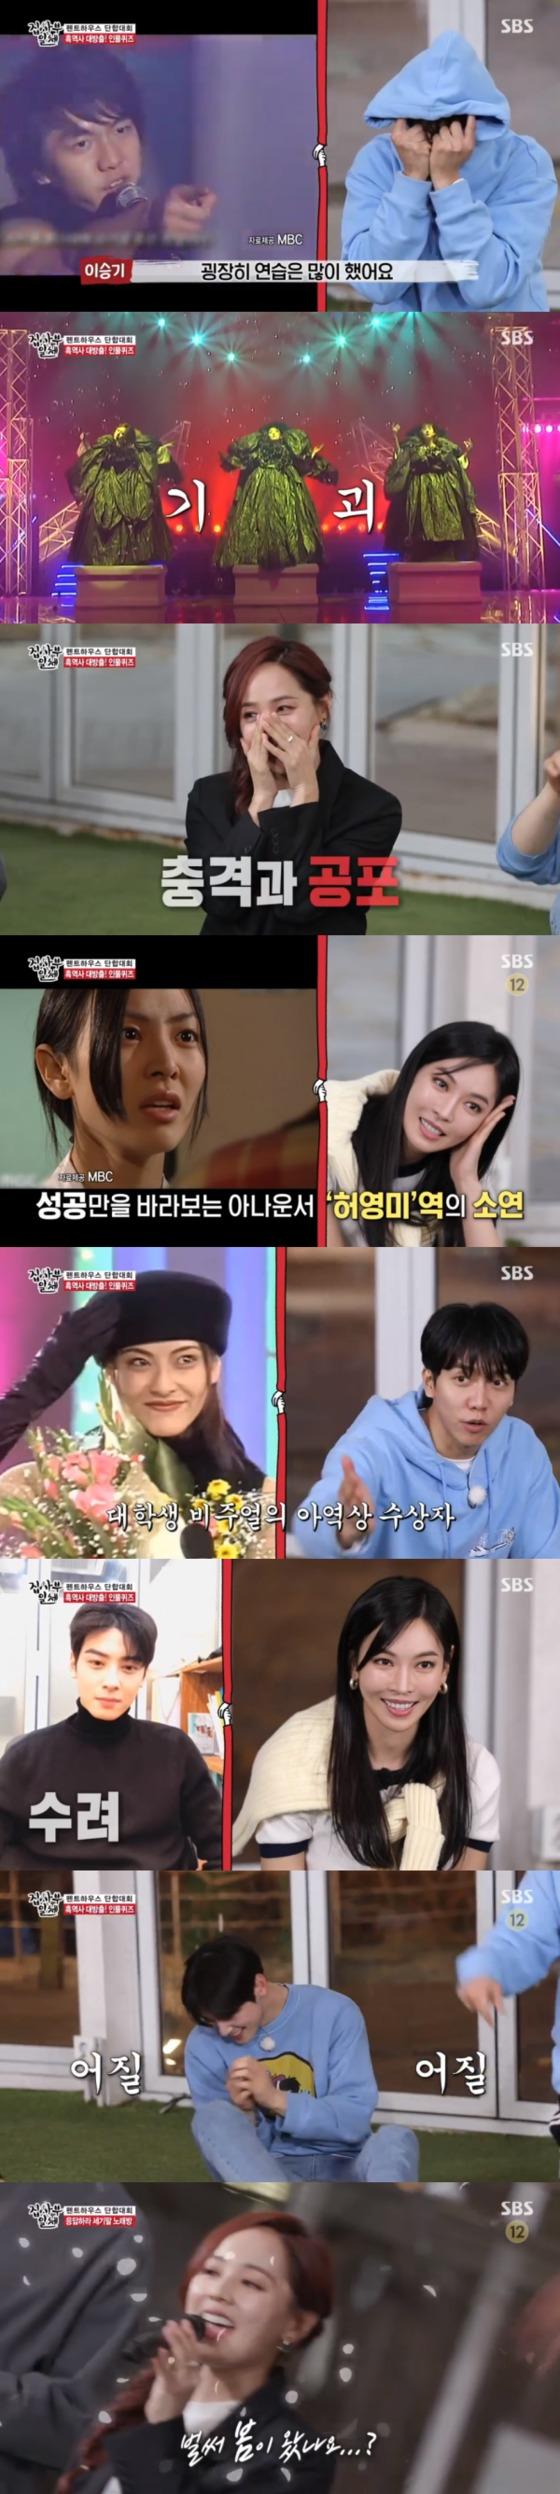 '집사'김소연 x 유진 x 지아, '펜트 하우스'여신들의 일탈 (일반)